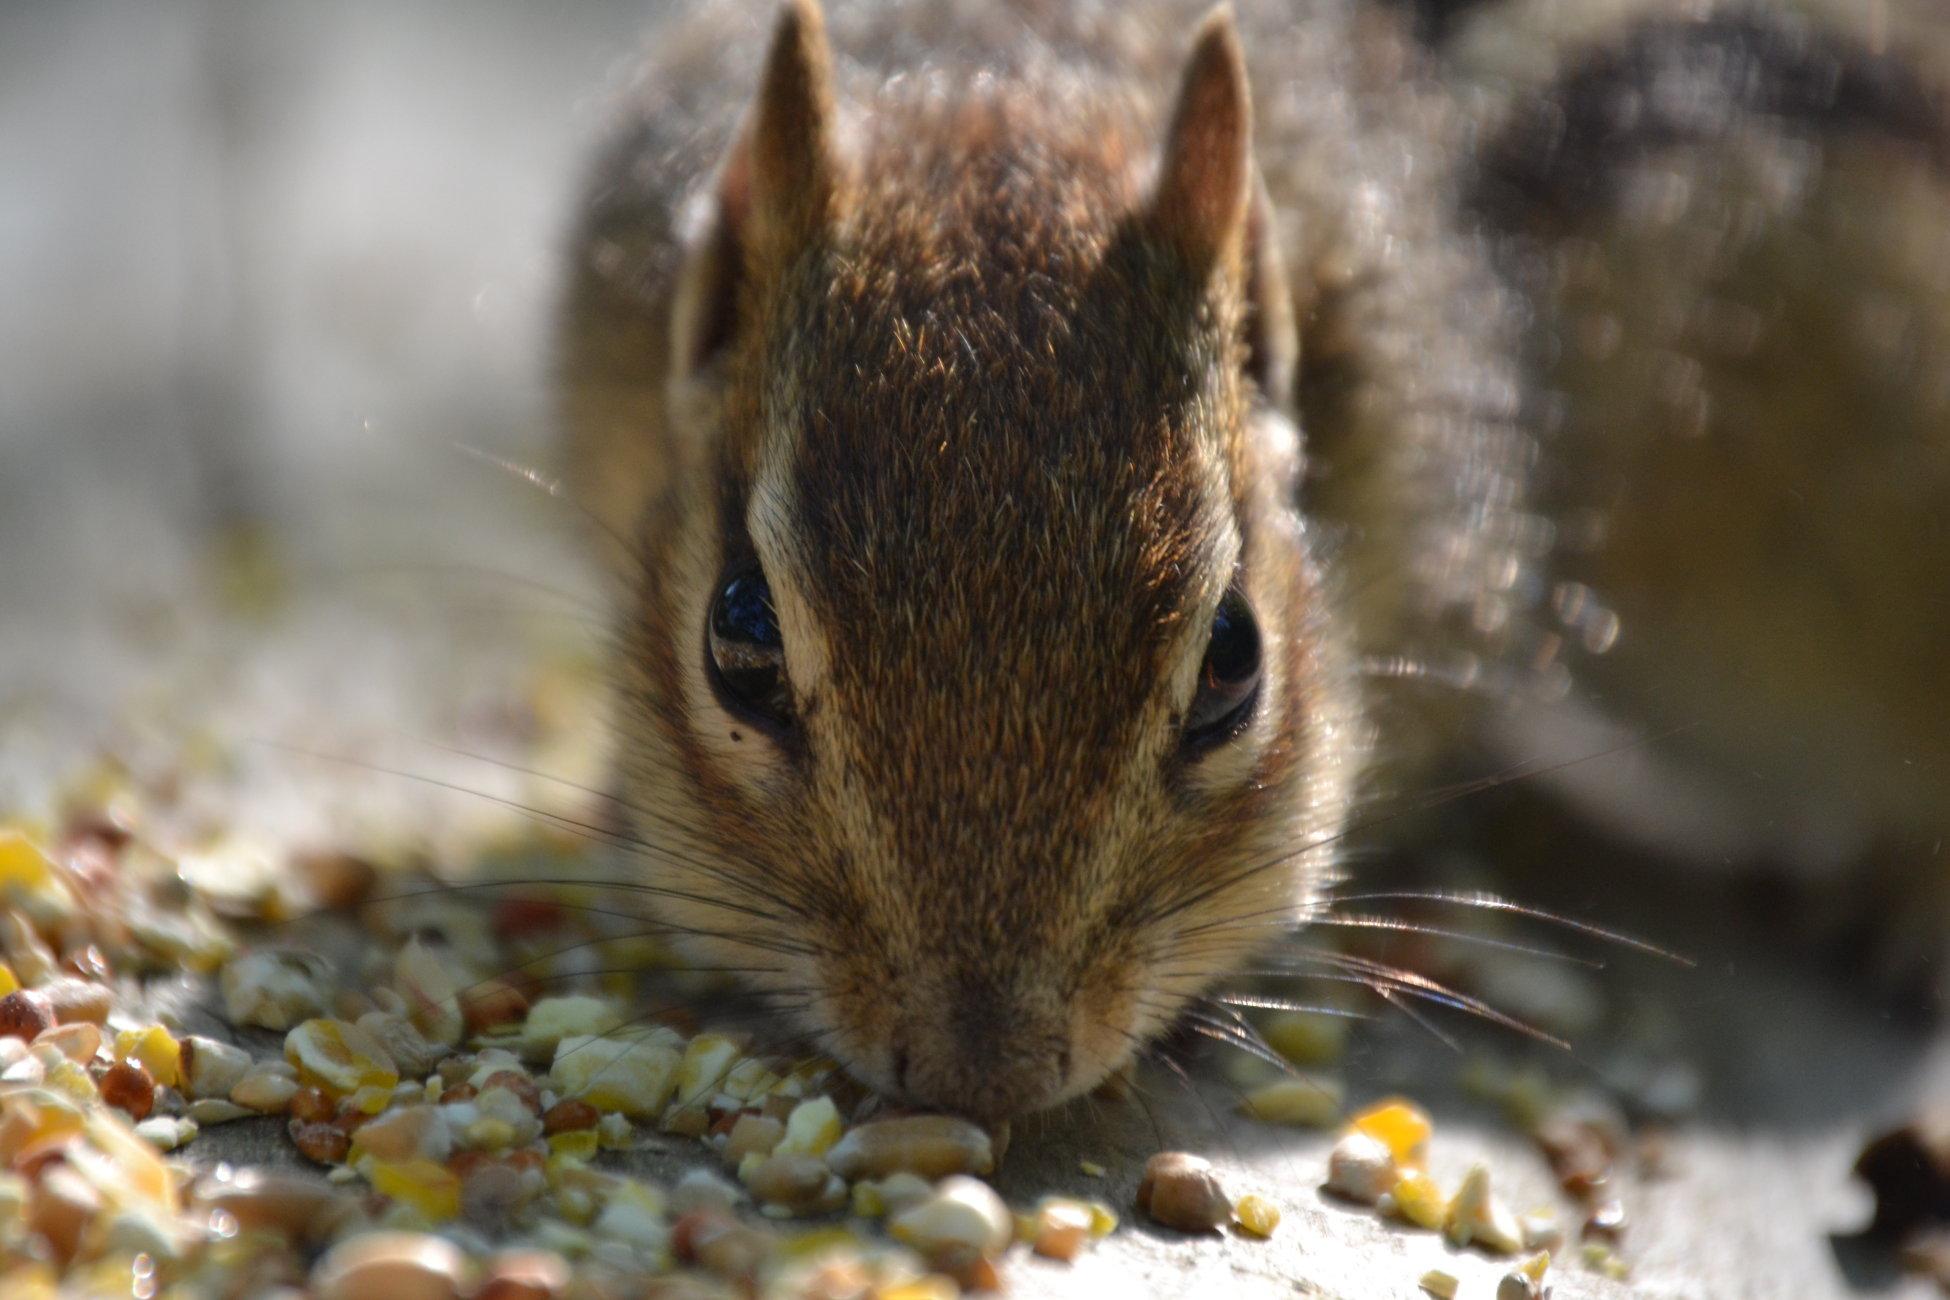 Chipmunk Closeup